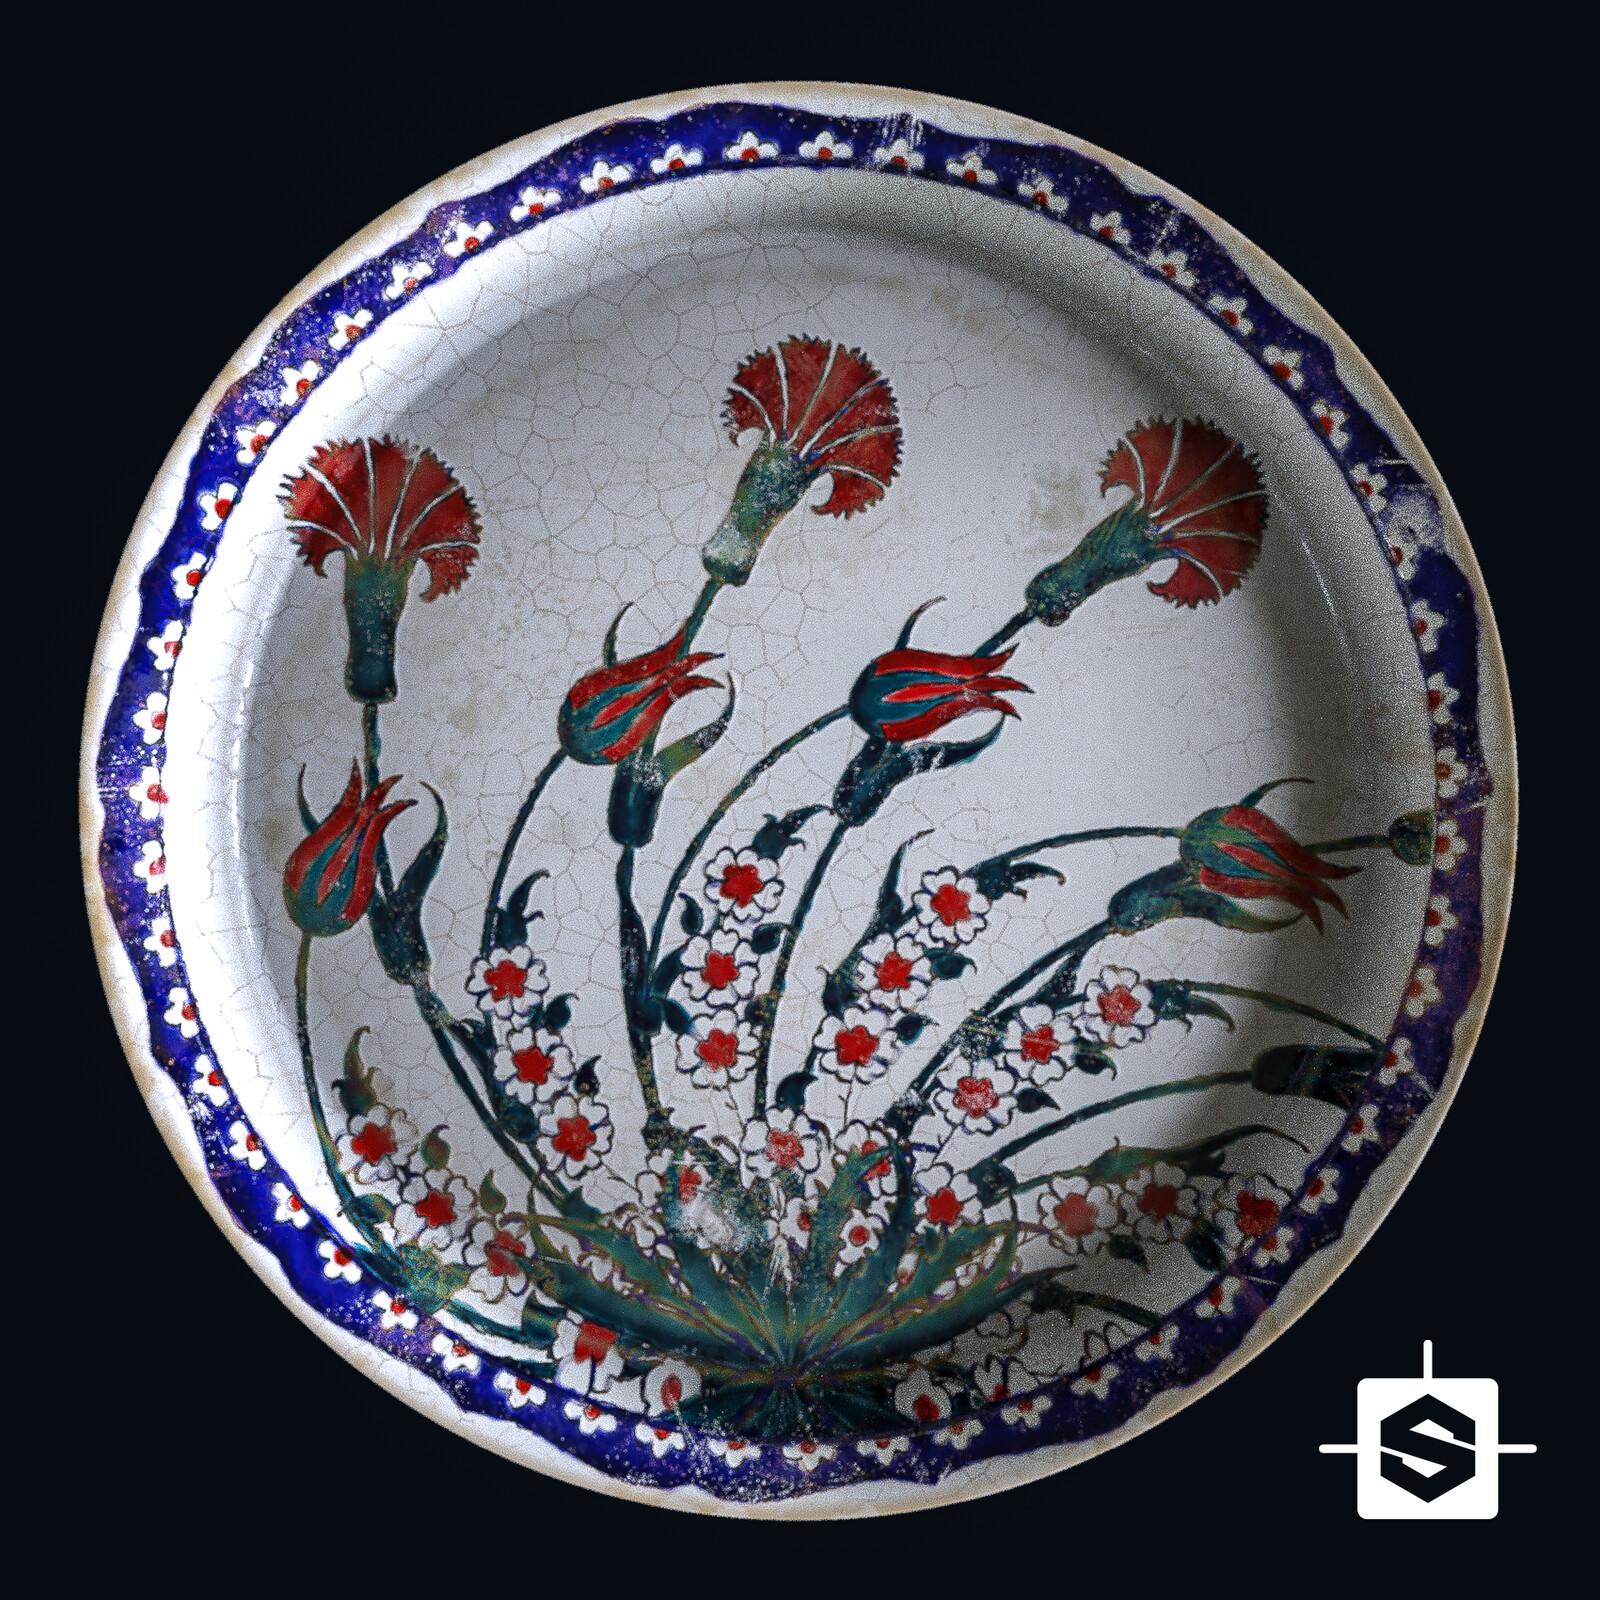 Anatolian Ceramic Tile Maker - 85% Substance Designer